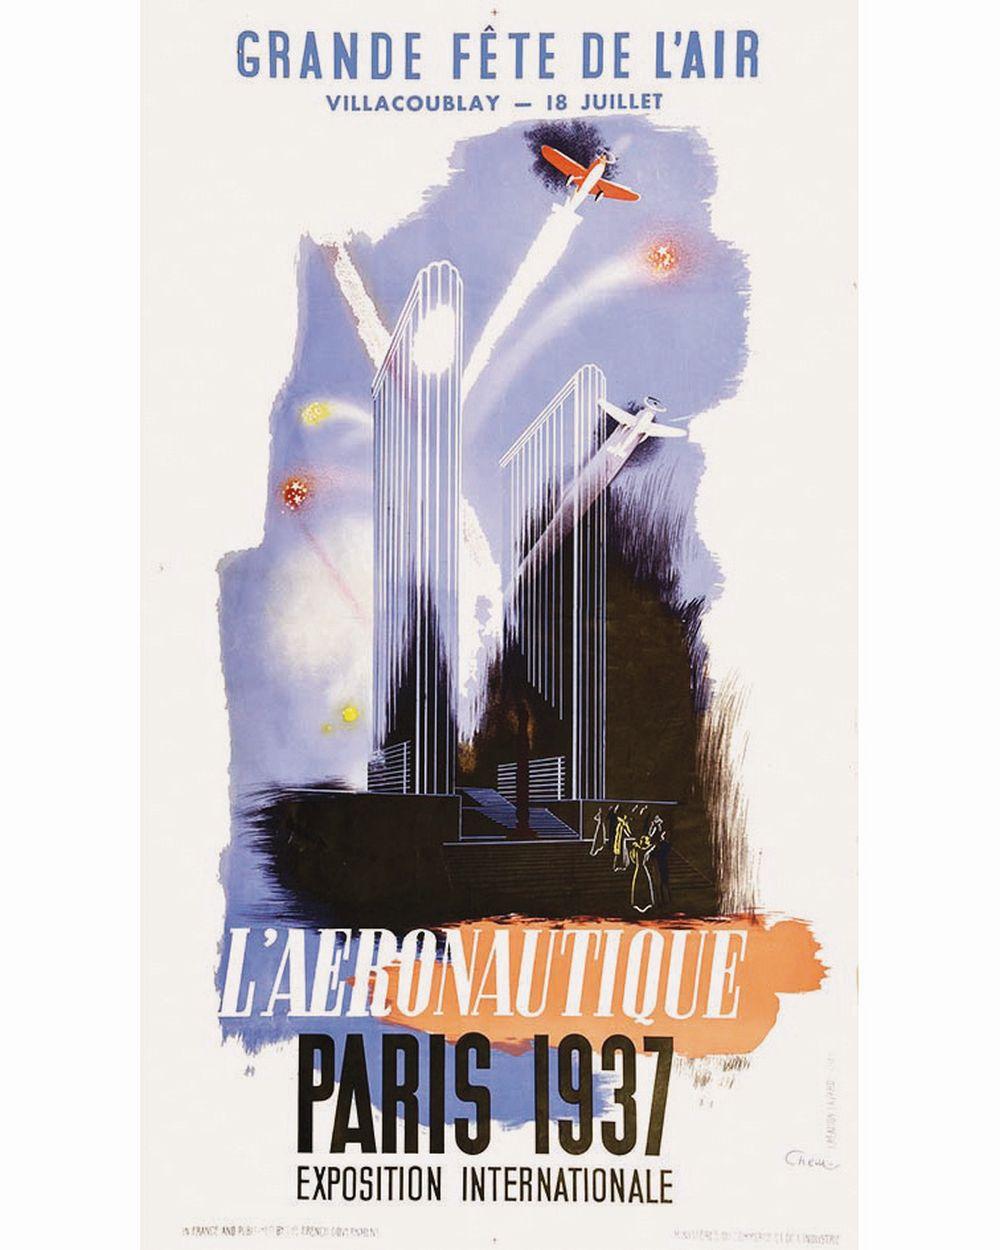 CHEM - L'Aeronautique Grande Fête de L'Air  Exposition Internationale Paris     1937